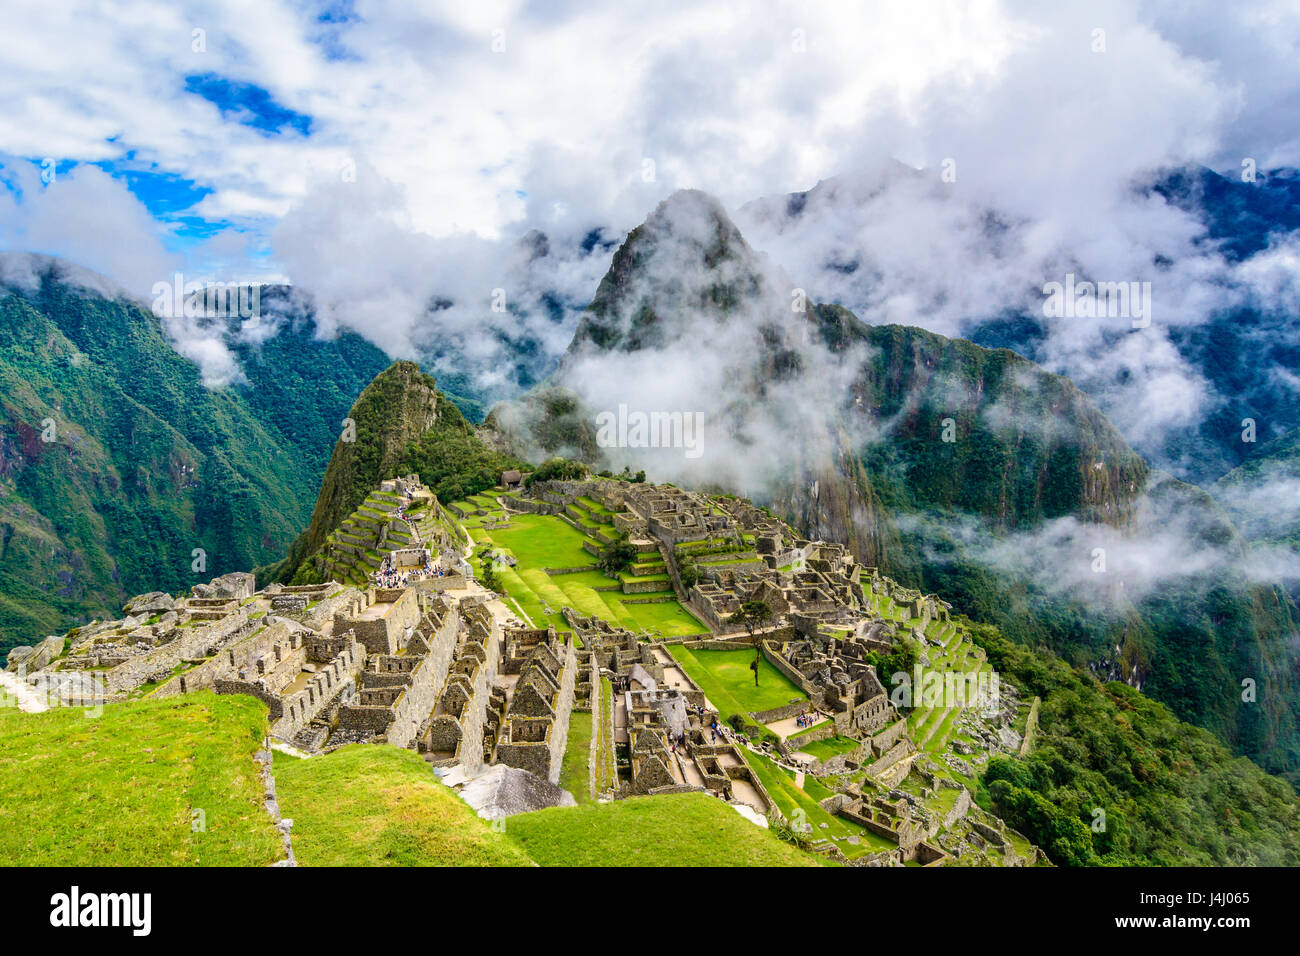 Descripción de Machu Picchu, la agricultura de terrazas, Wayna Picchu y de las montañas circundantes en Imagen De Stock